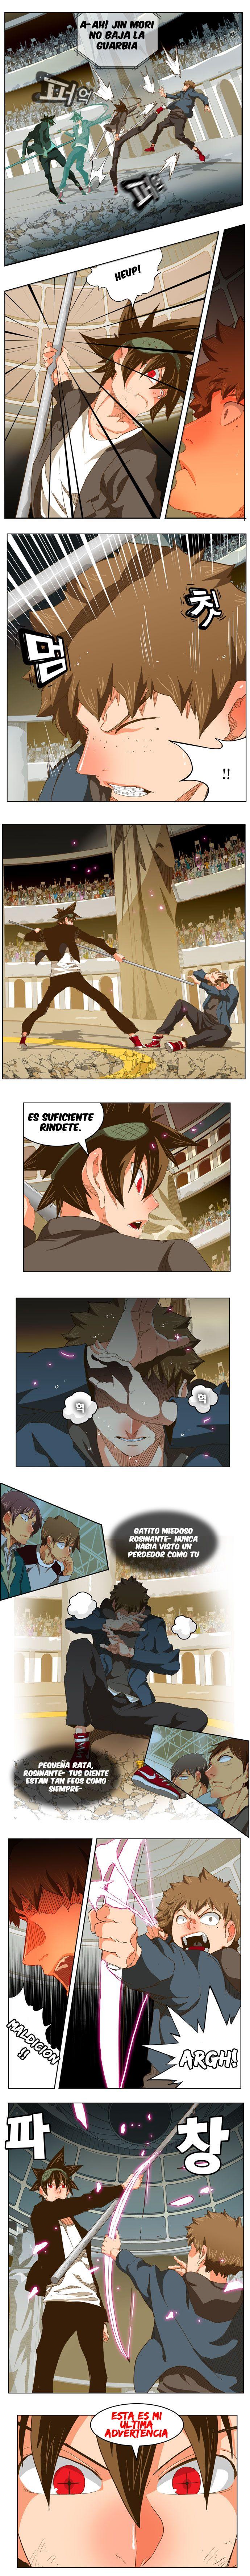 http://c5.ninemanga.com/es_manga/37/485/456848/b6094f195b76c1969611728baf60881f.jpg Page 5